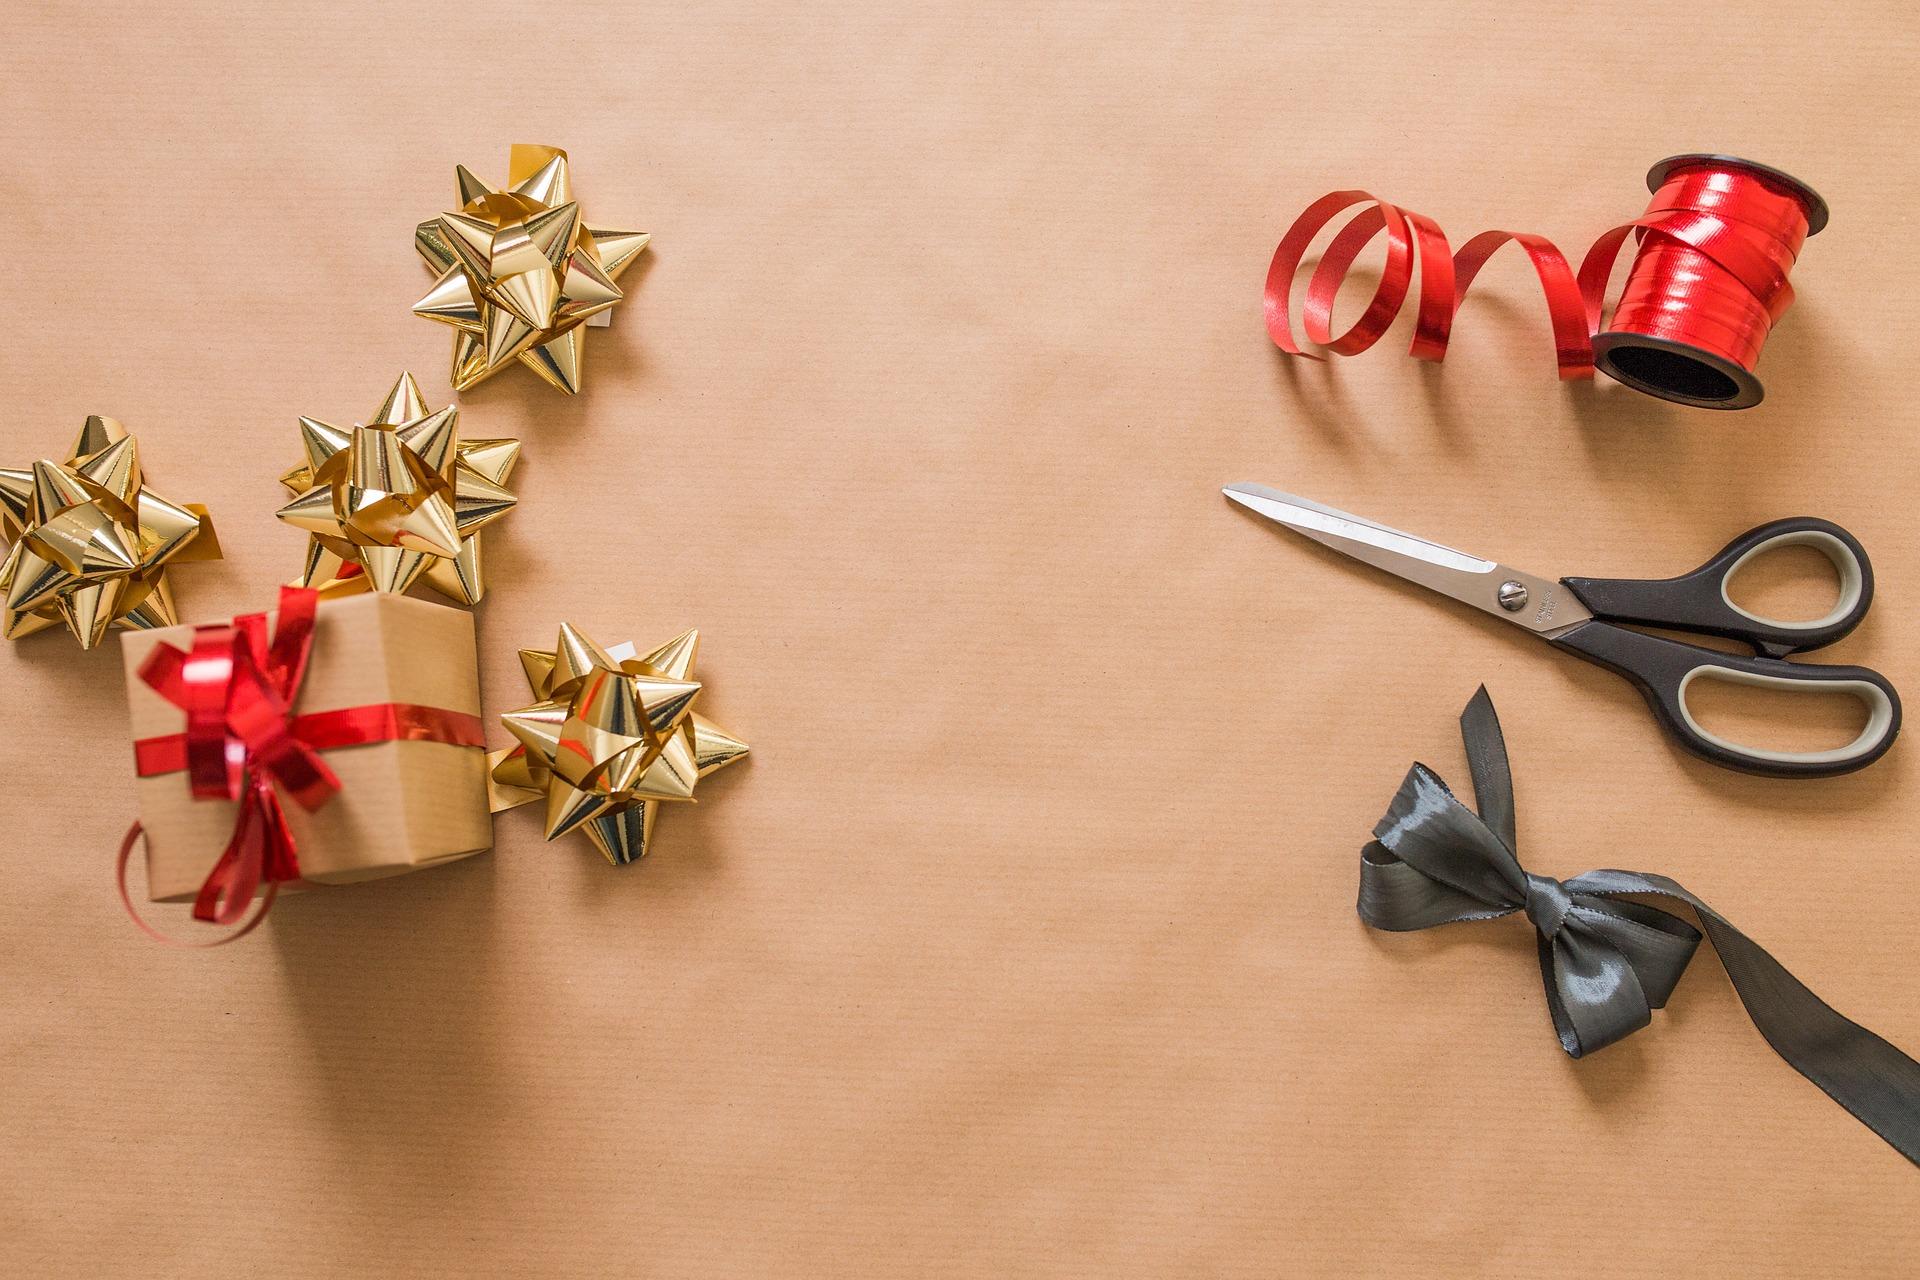 Balení praktických dárků: Jak zabalit hrnek a láhev vína?